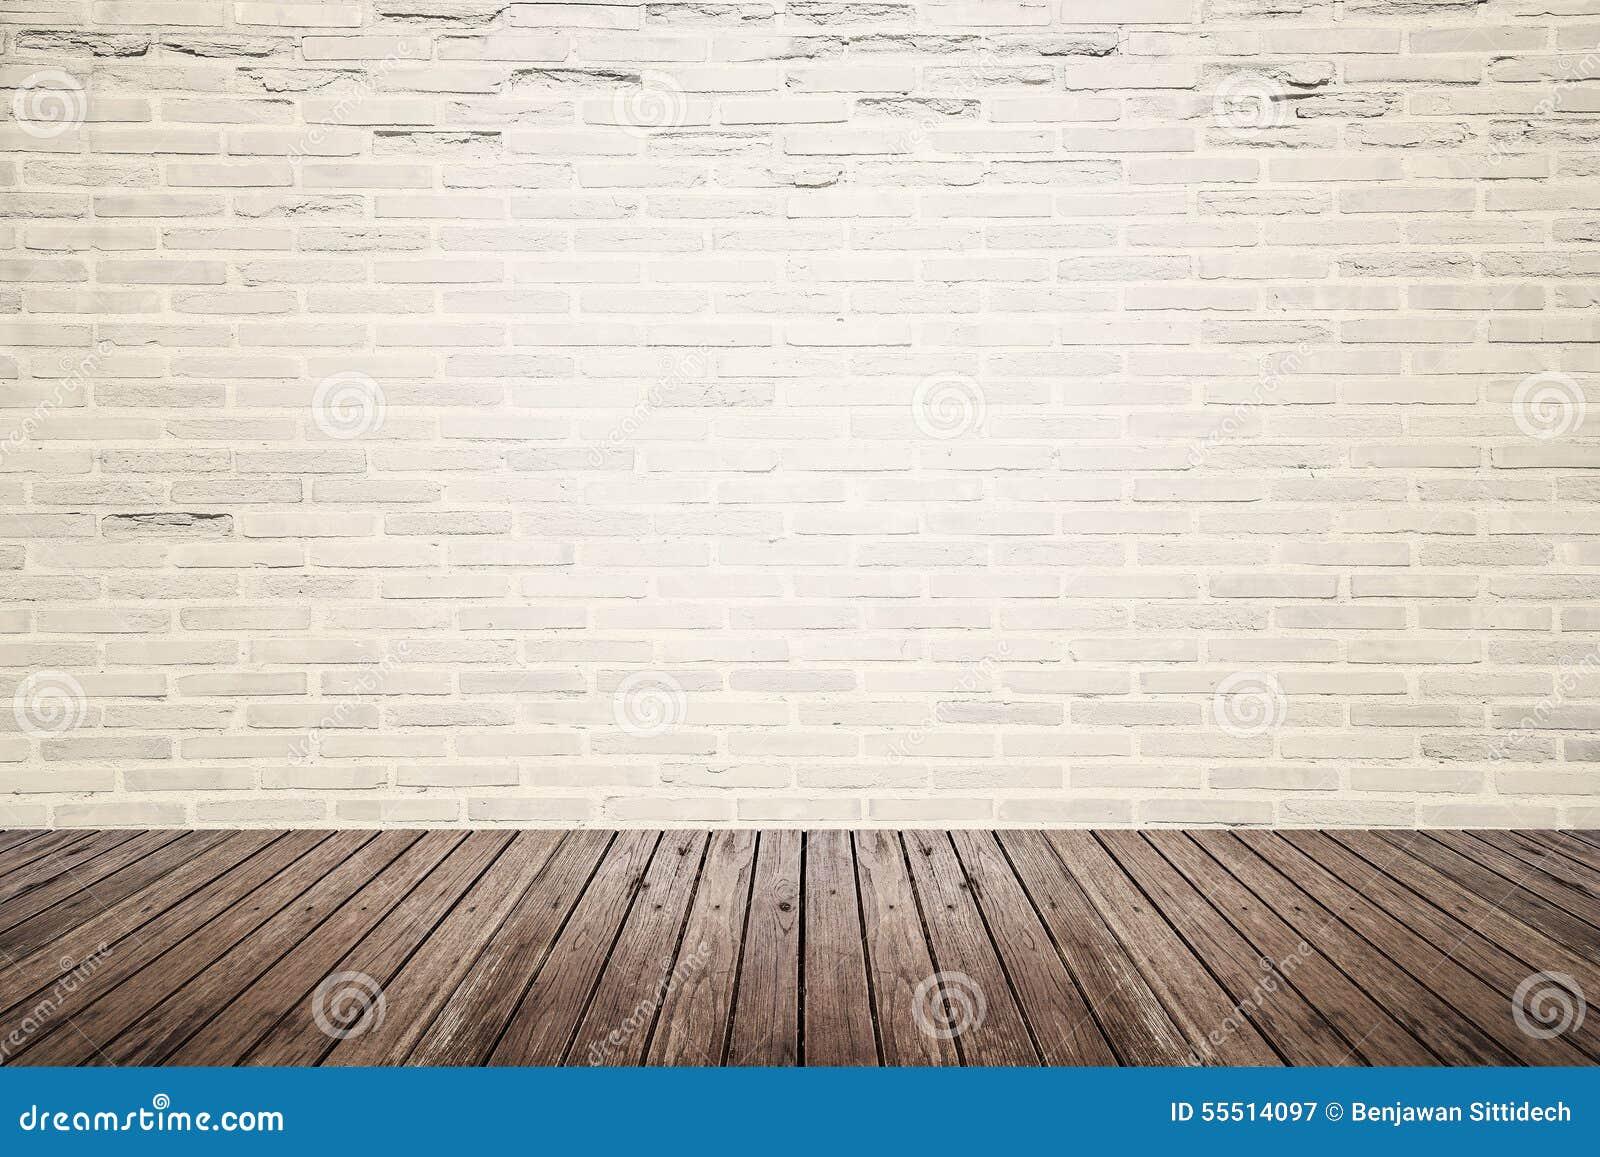 Alter Innenraum Mit Backsteinmauer Und Holzfussboden Stockbild Bild